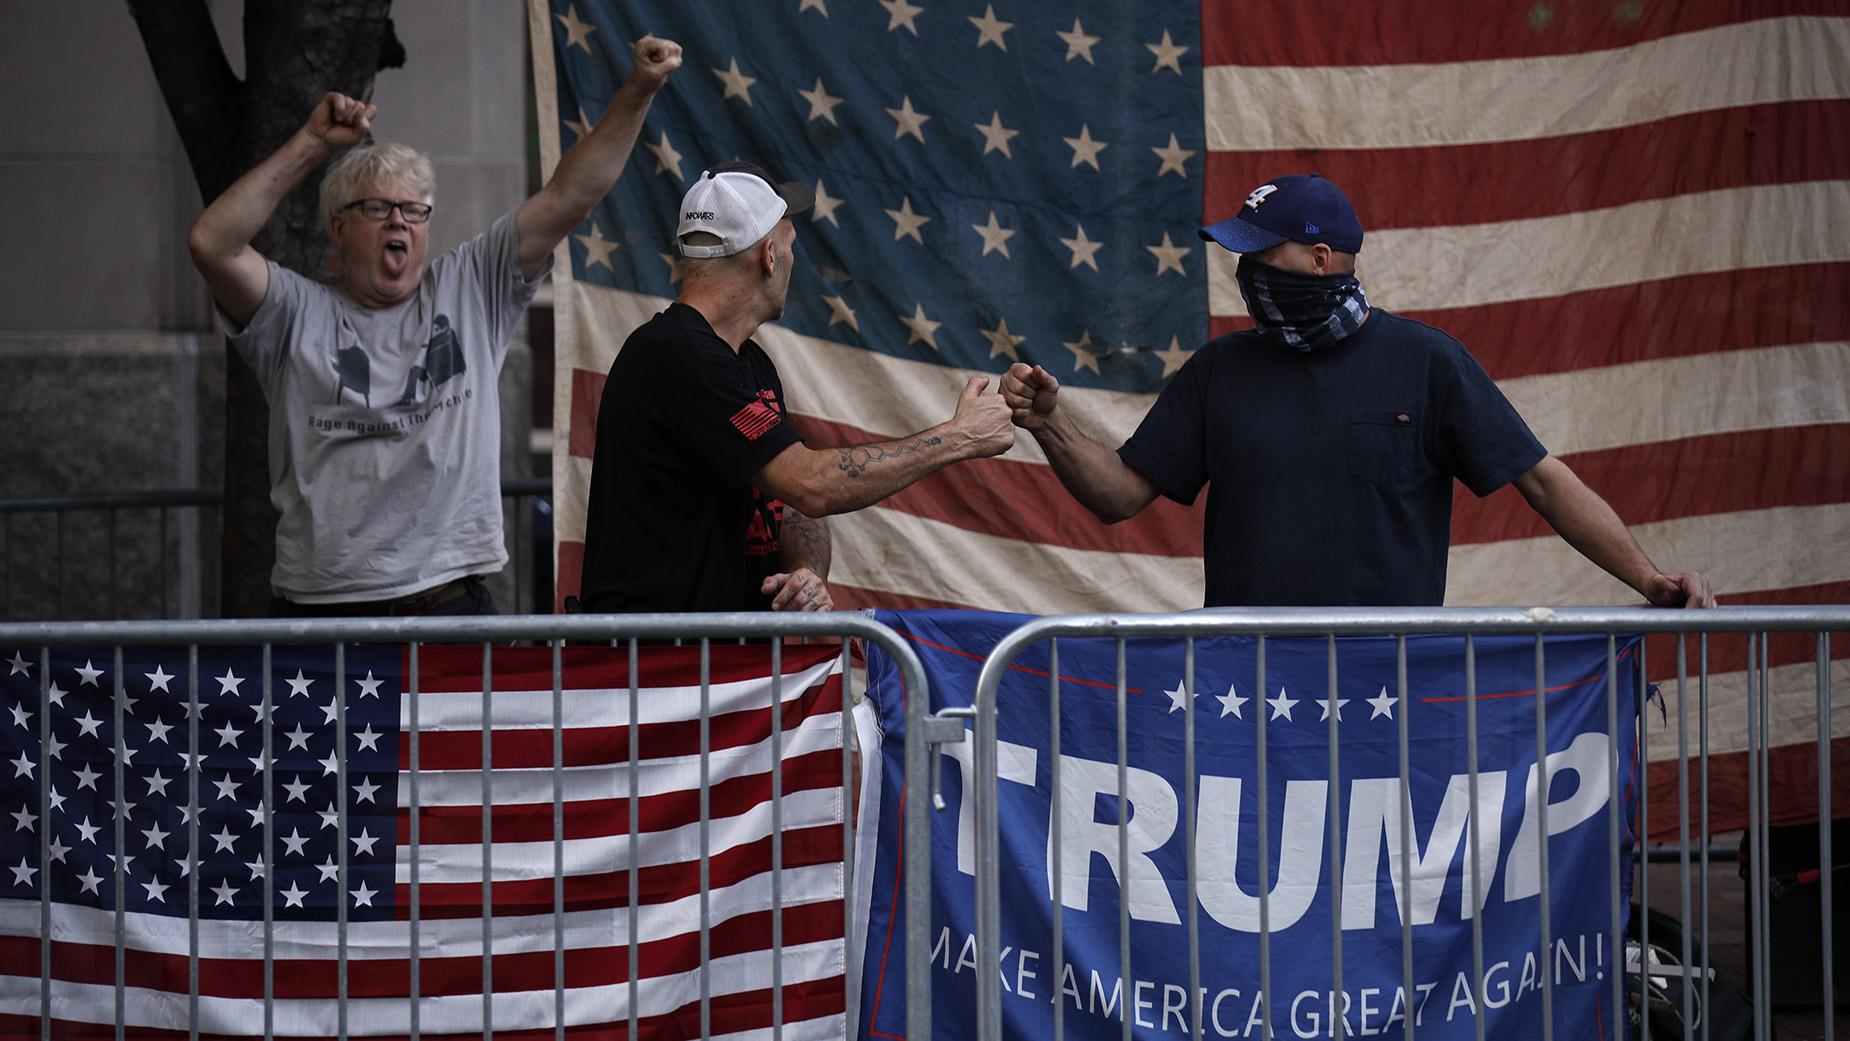 費城的特朗普的支持者在和向對面的拜登的支持者喊叫。(美聯社)